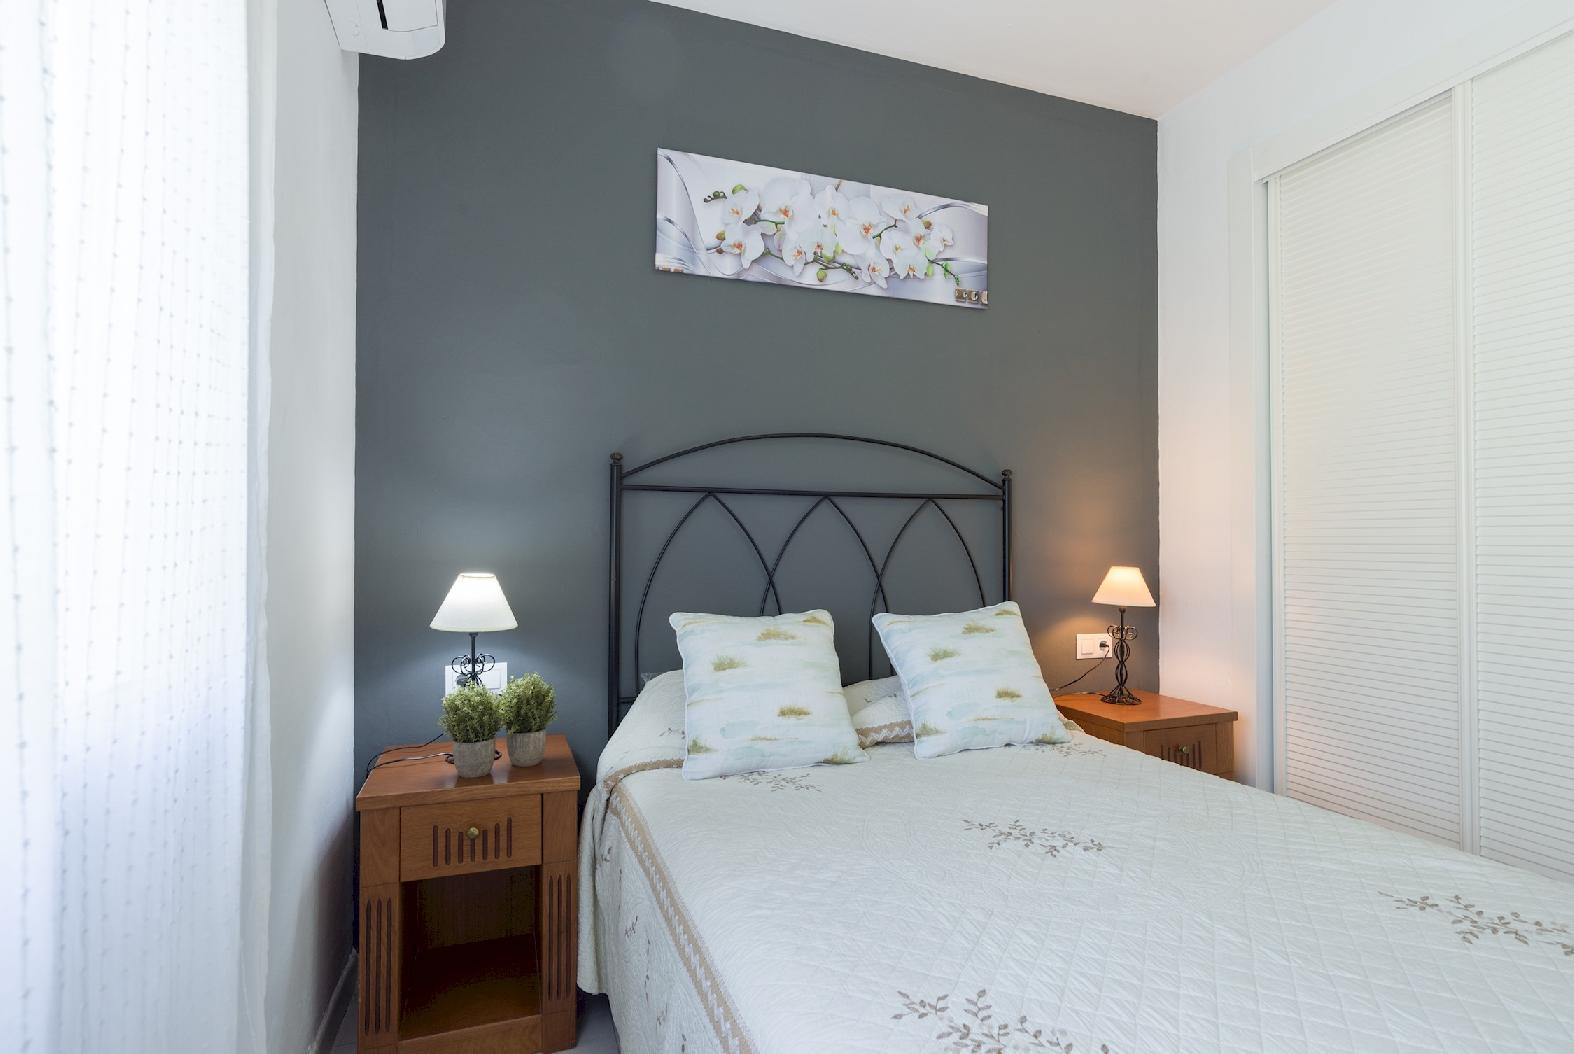 Apartment MalagaSuite Cozy Apartment in Benalmadena photo 14653434